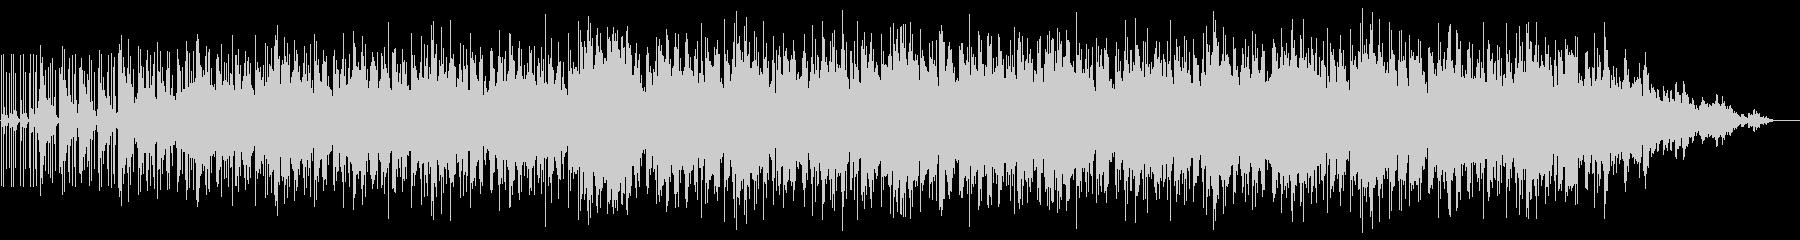 ピースフルなギターインストルメンタルの未再生の波形